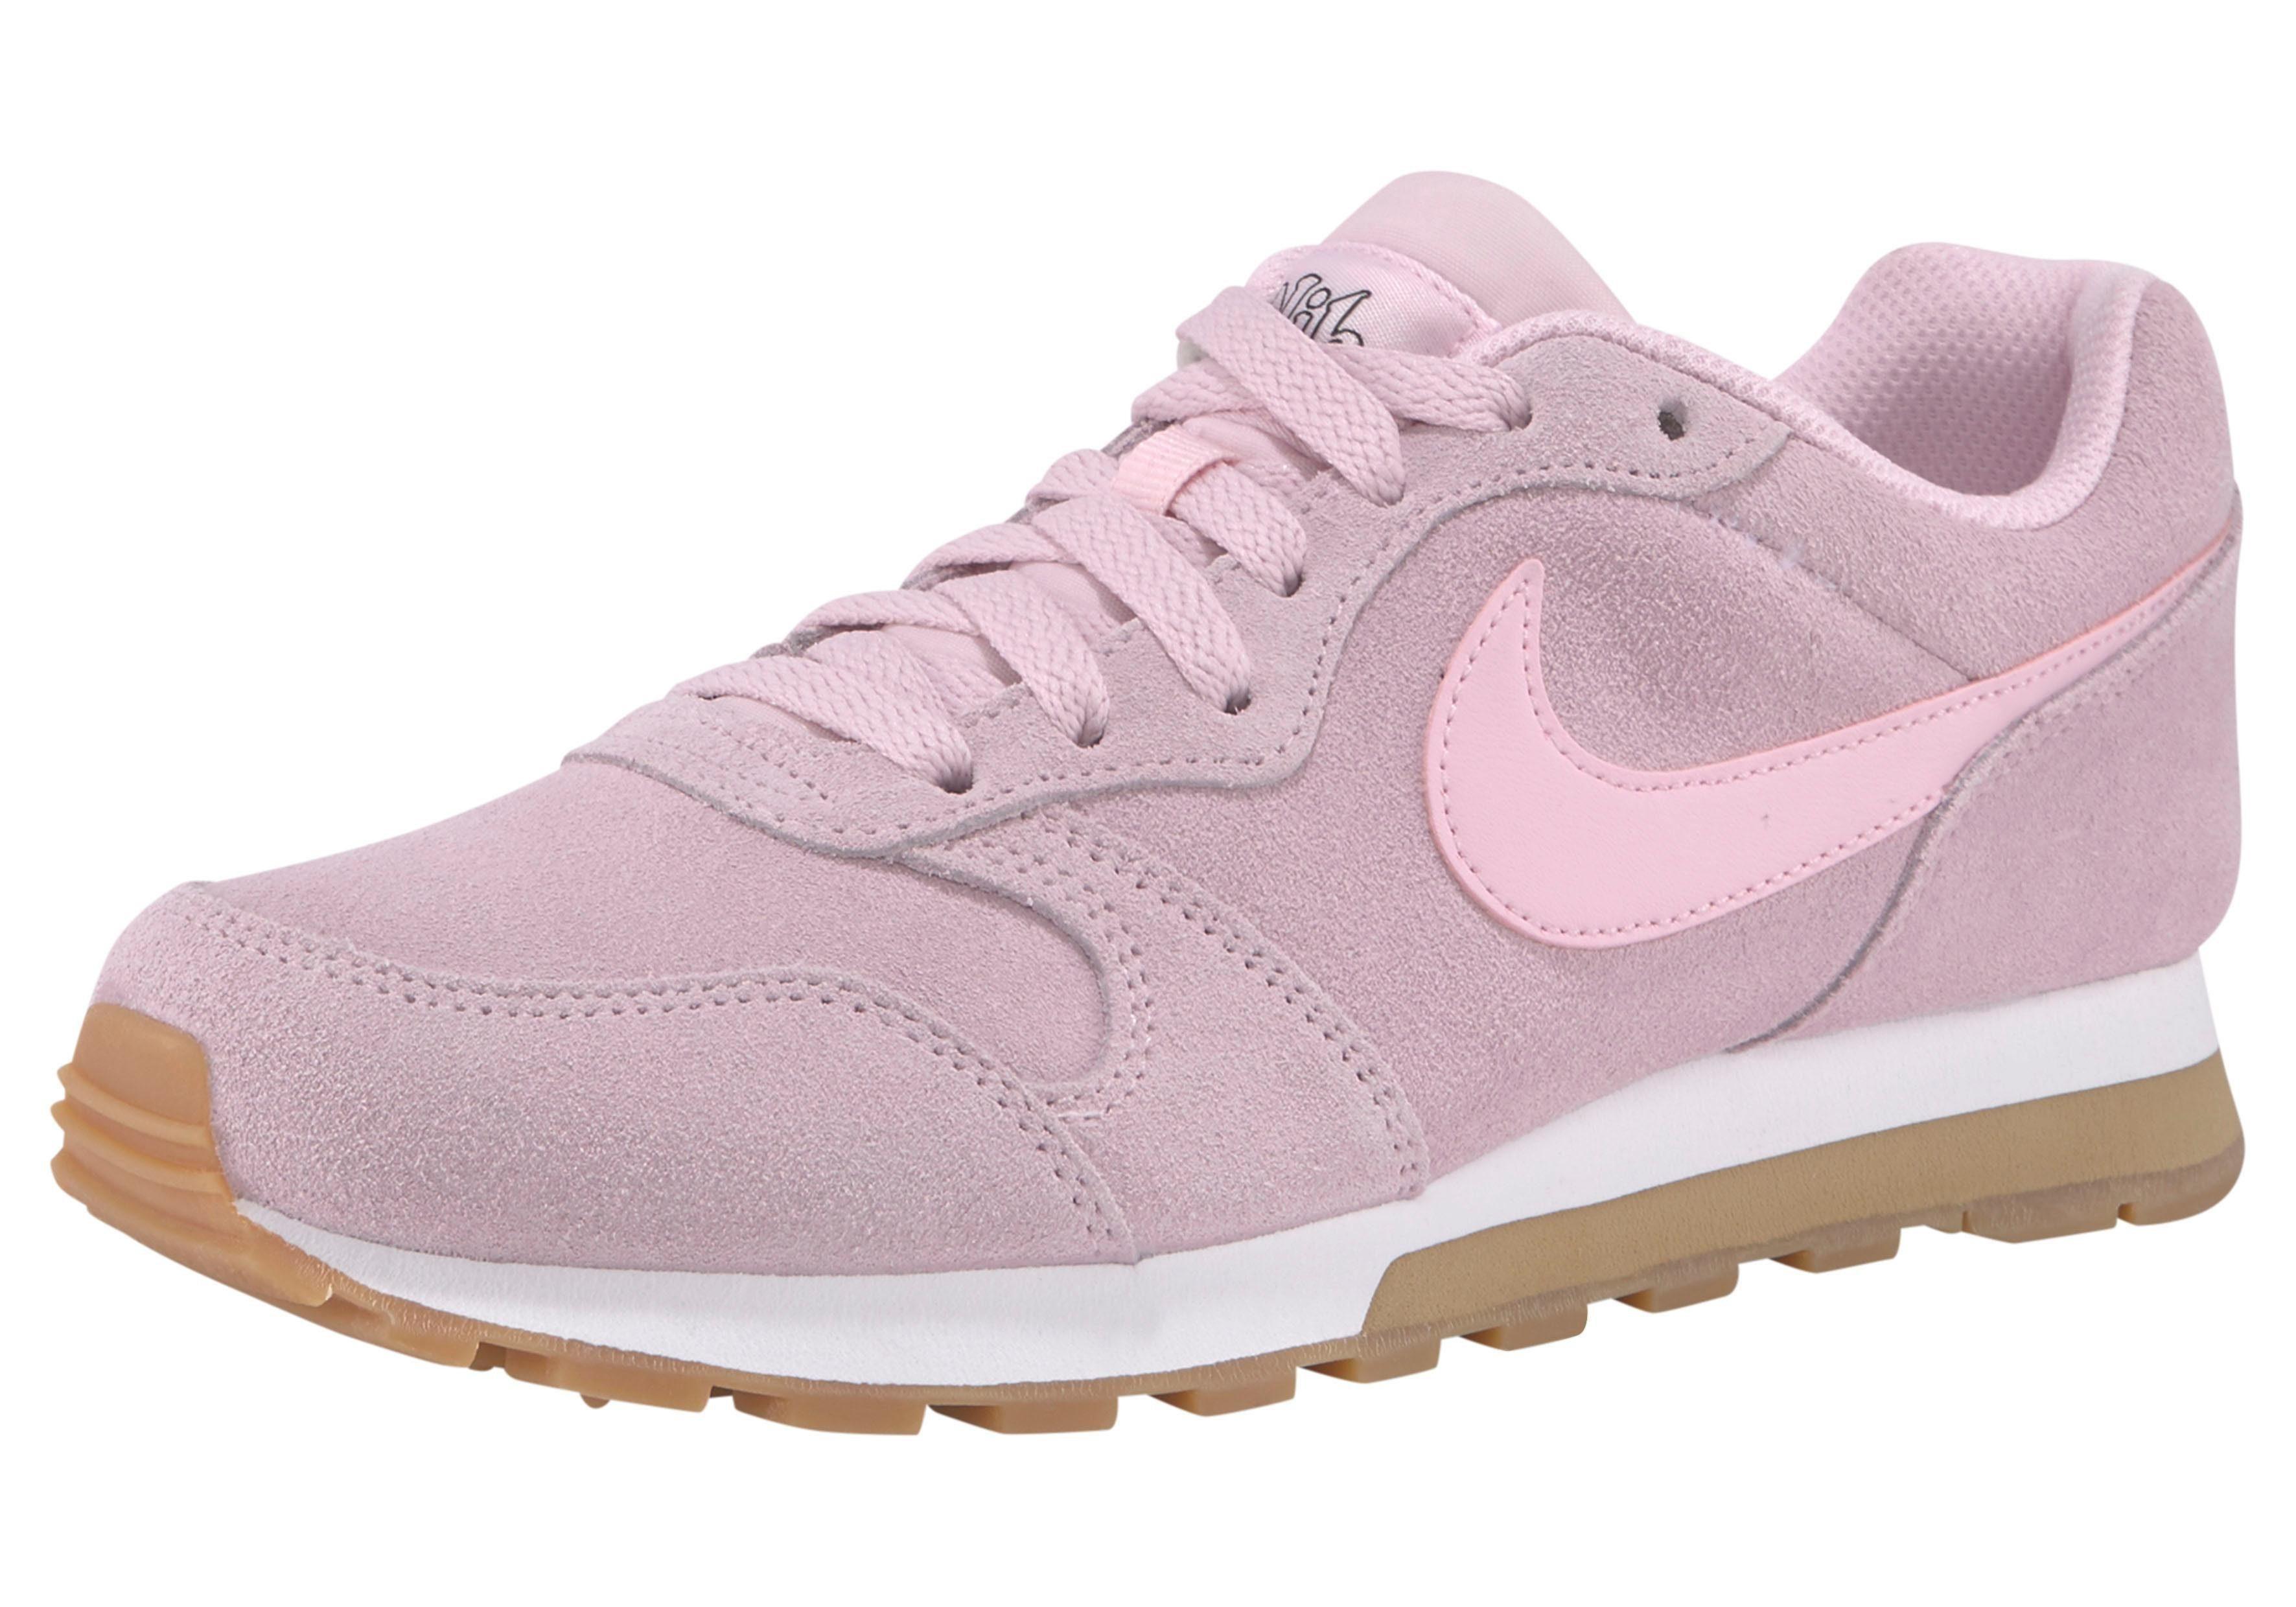 Nike Sportswear »MD Runner 2 SE Wmns« Кроссовки